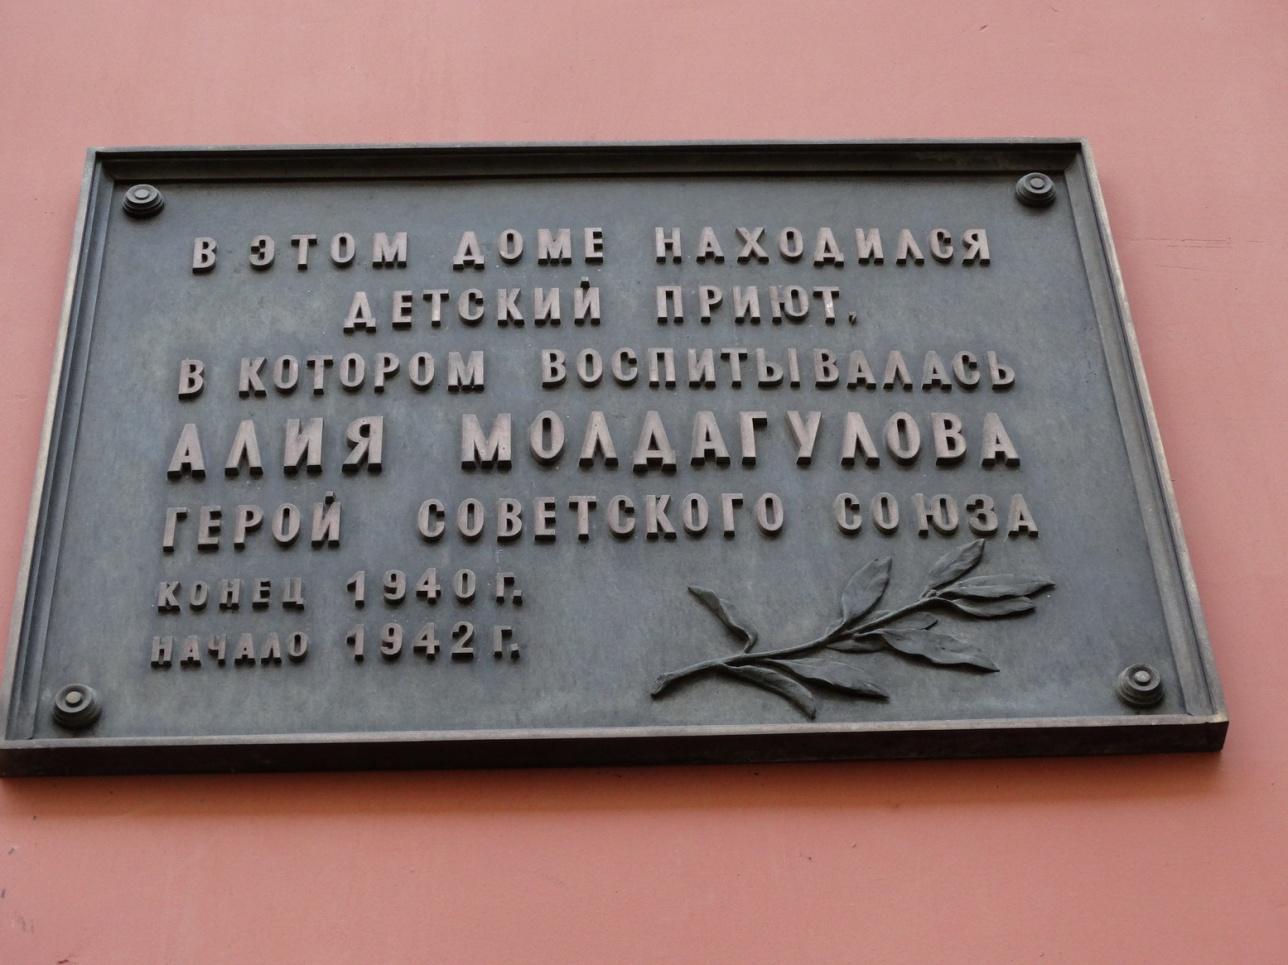 Мемориальная табличка Алии Молдагуловой